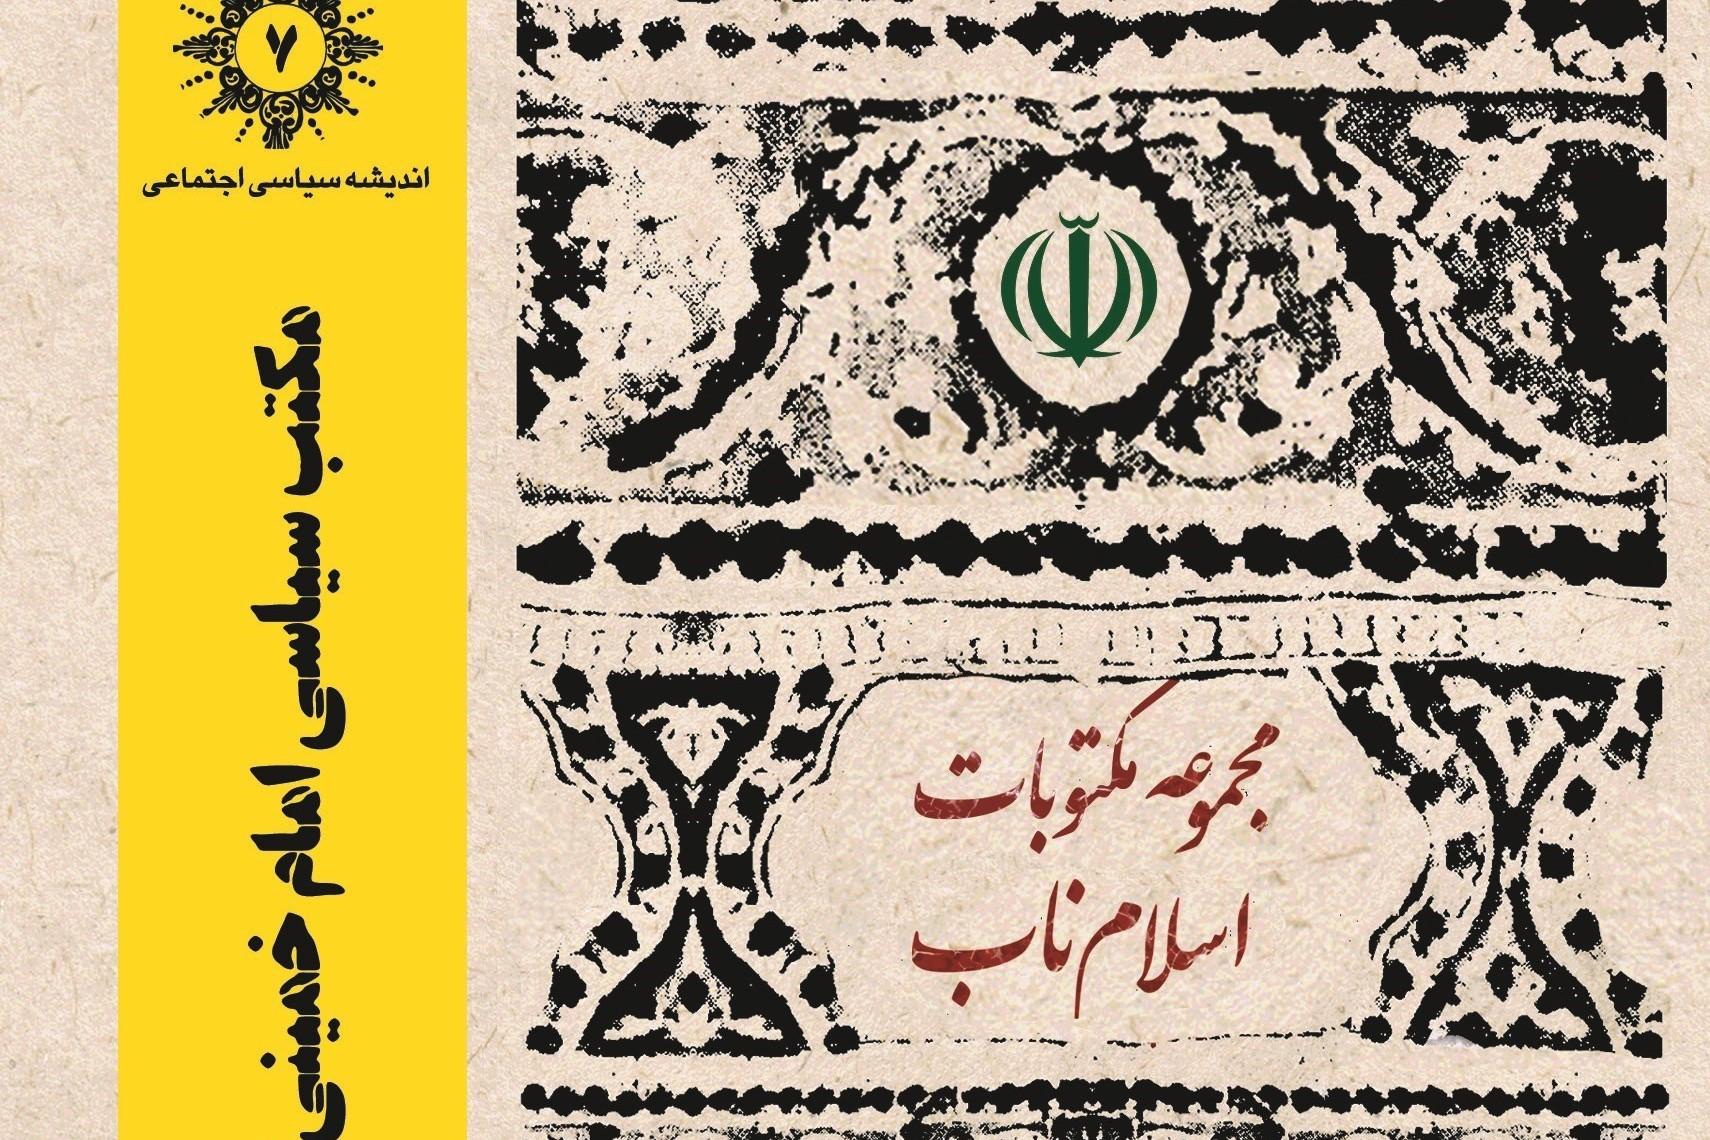 مکتب سیاسی امام خمینی(ره) در بستر تاریخ انقلاب